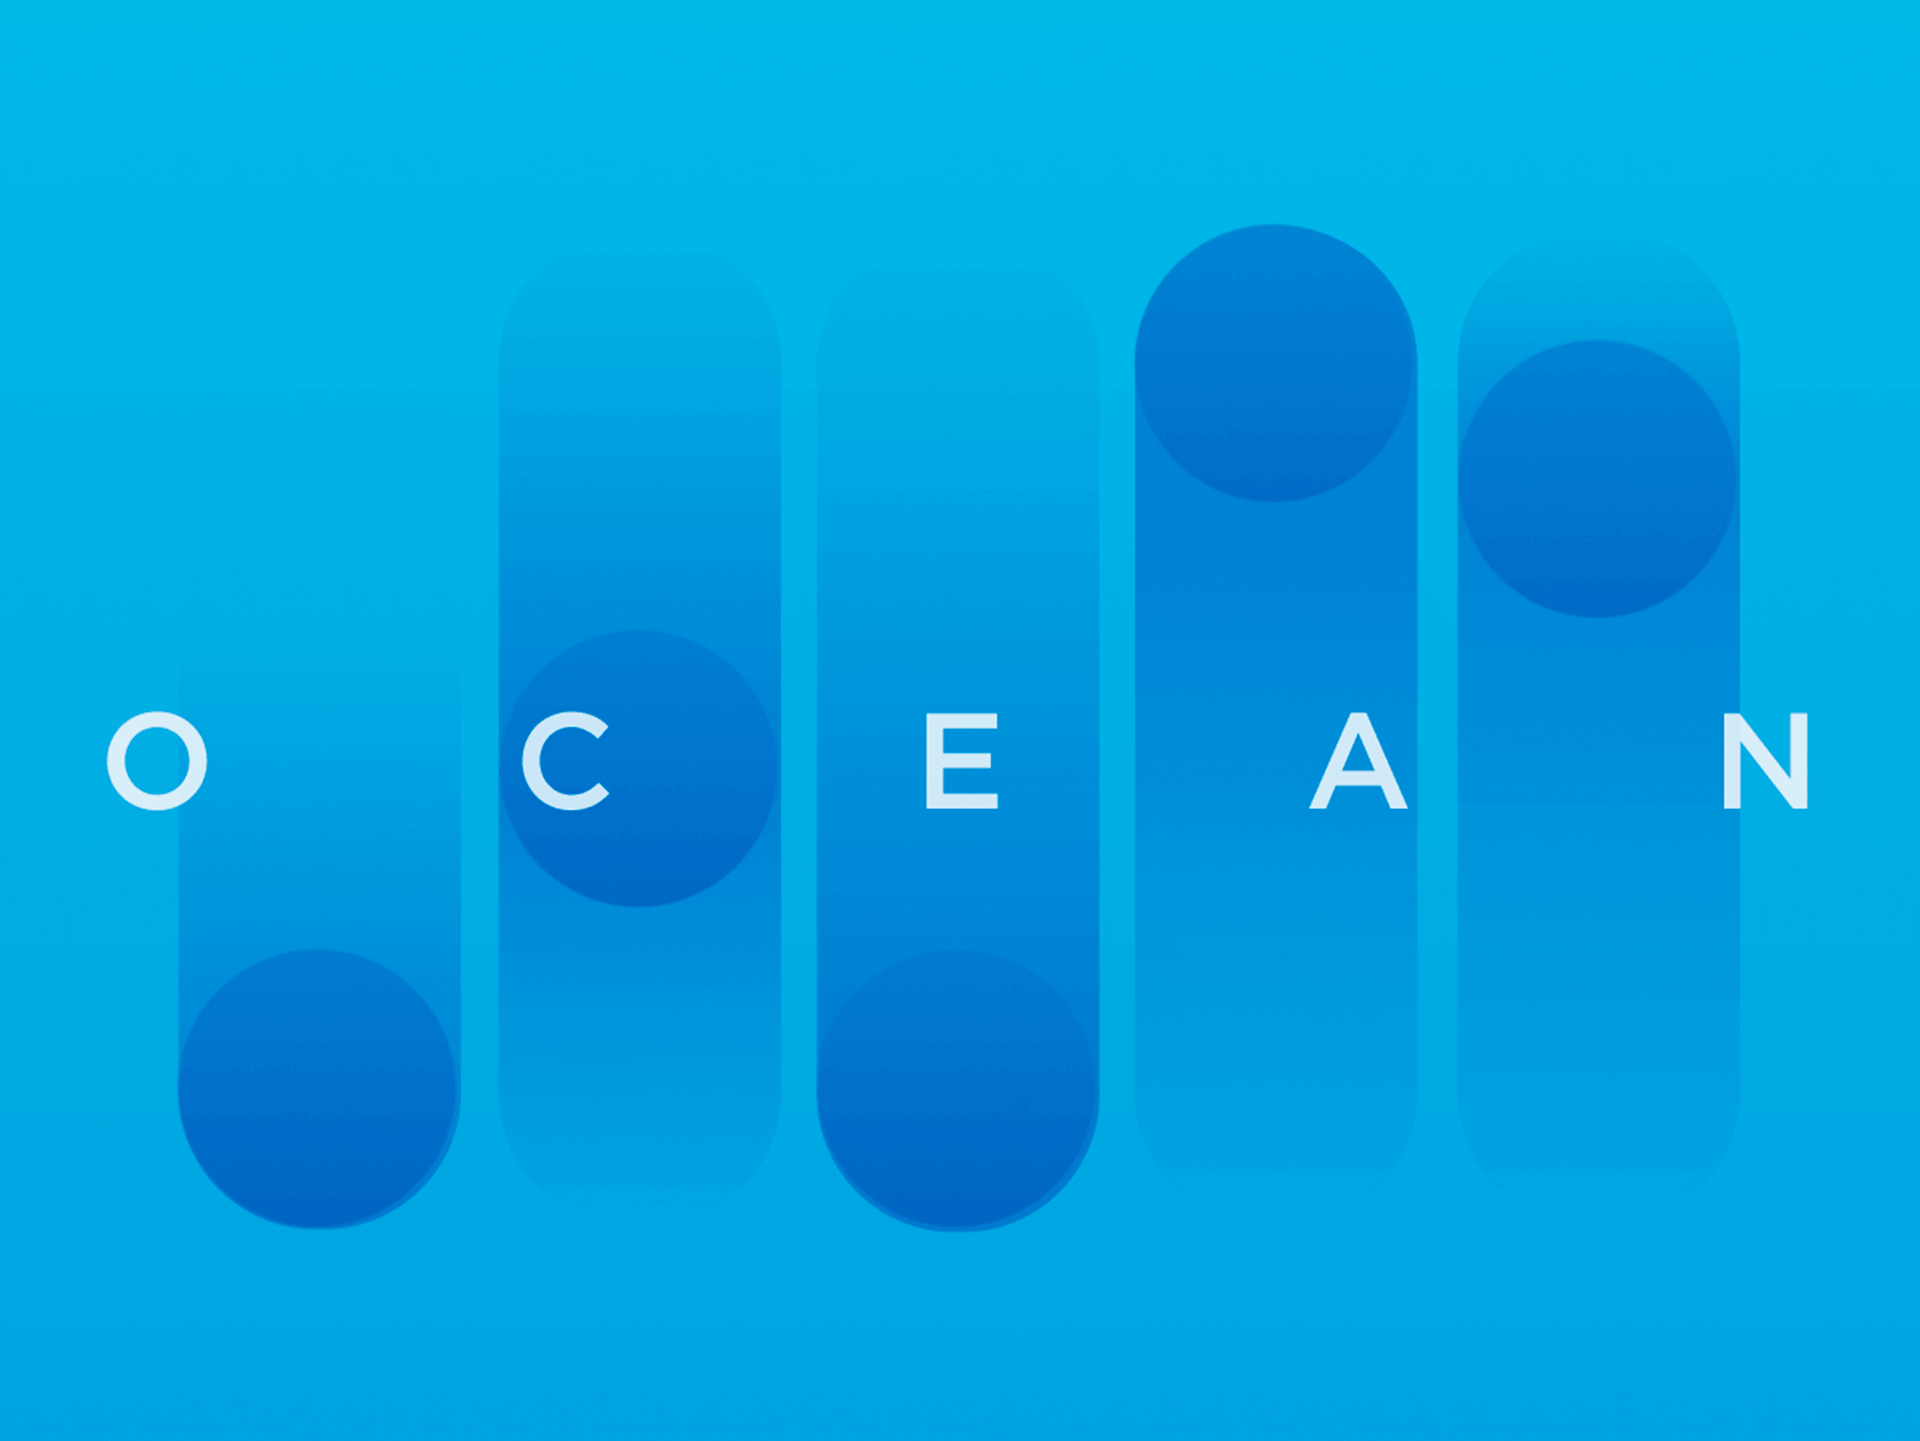 OCEAN. Un test clásico de psicología.